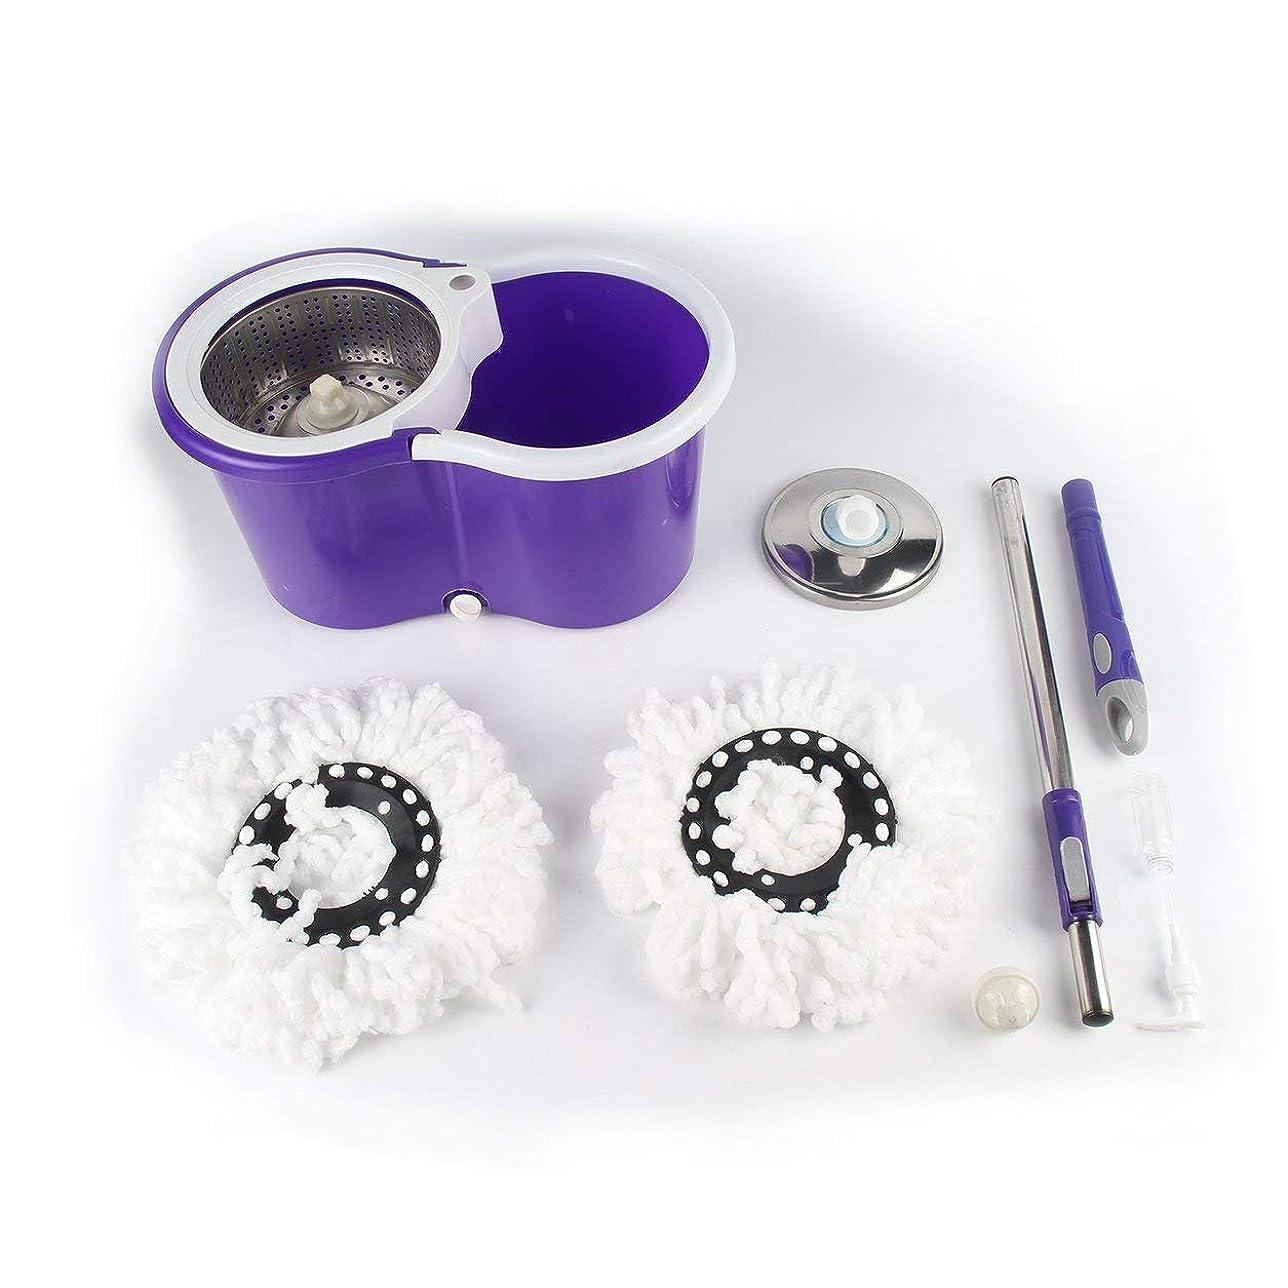 腹バリー傾向Saikogoods 1PC 360度回転 マイクロファイバーモップヘッド キッチン浴室クリーニング マジックモップ ヘッド交換をスピニング マジックモップ 紫の